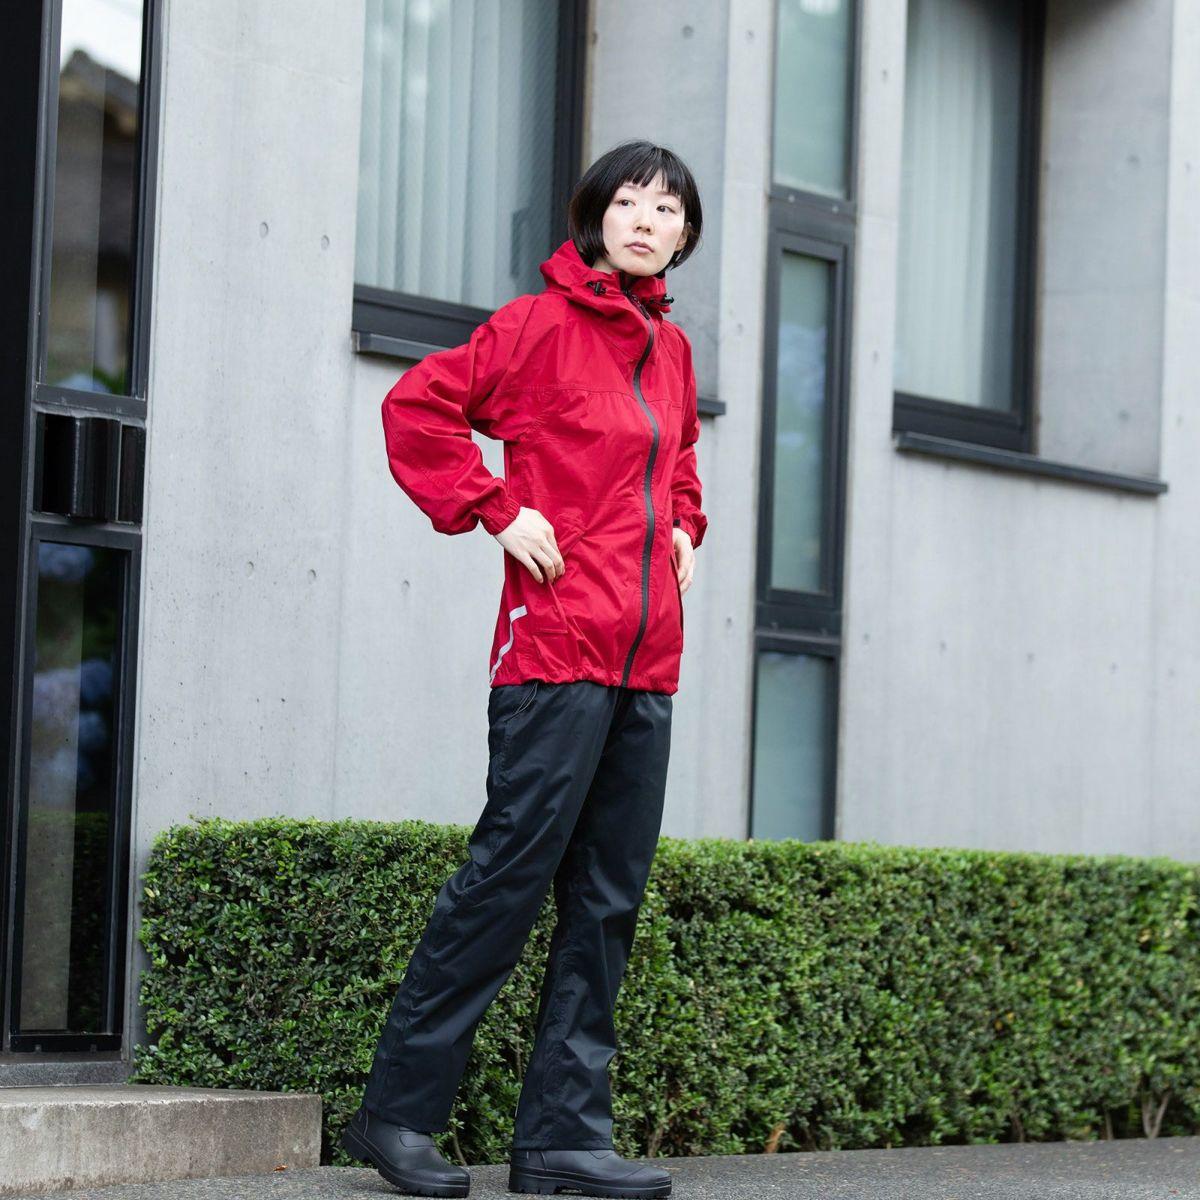 [女性モデルのサイズ]身長:168cm 着用サイズ:M / (上)7570 KJ ストレッチシールド ジャケット M